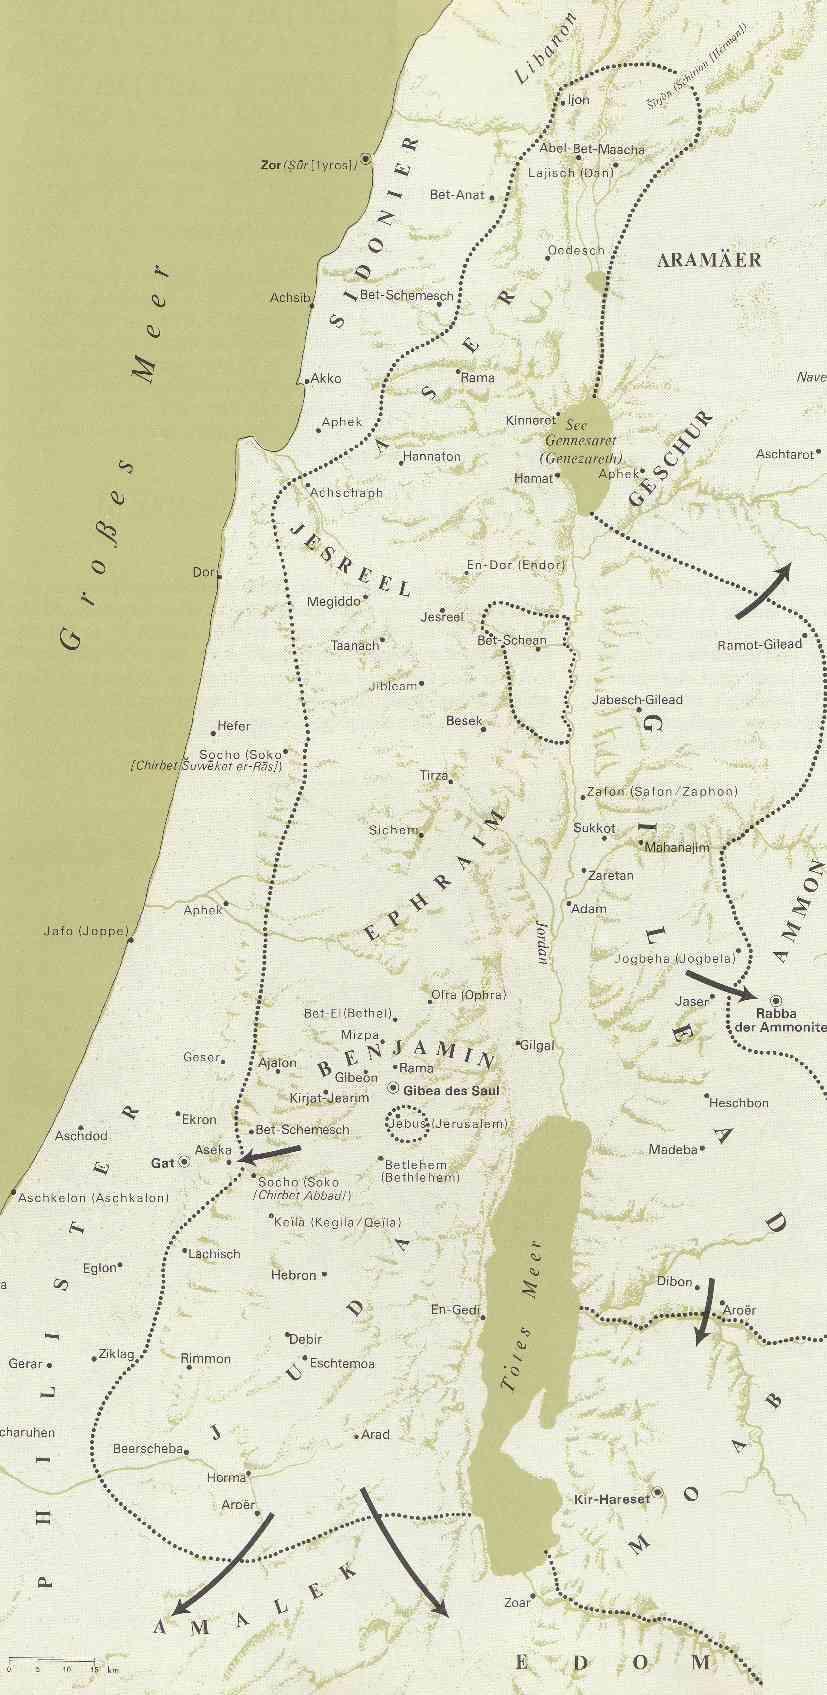 königreich unter Saul